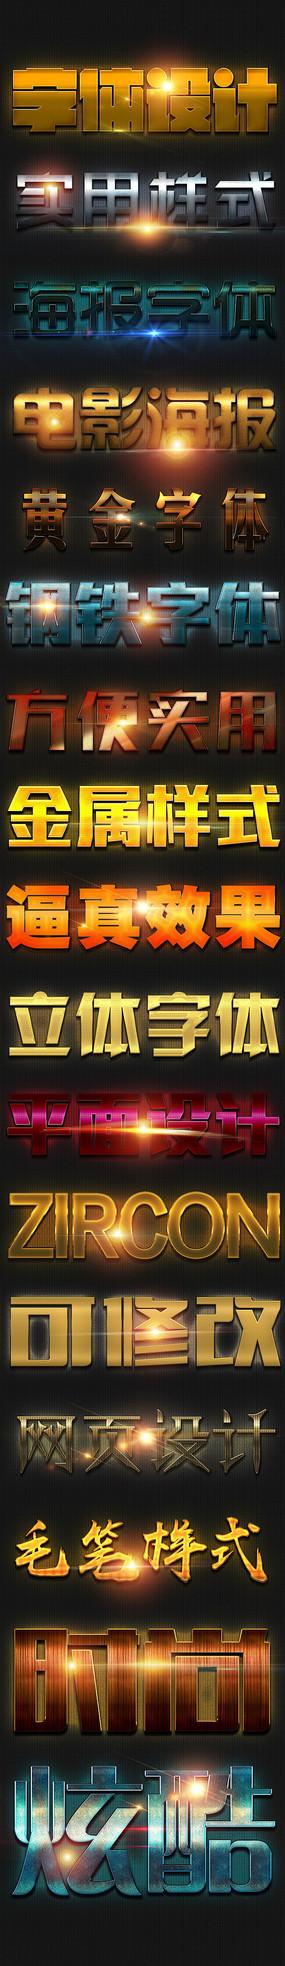 大气3D立体文字字体样式 PSD